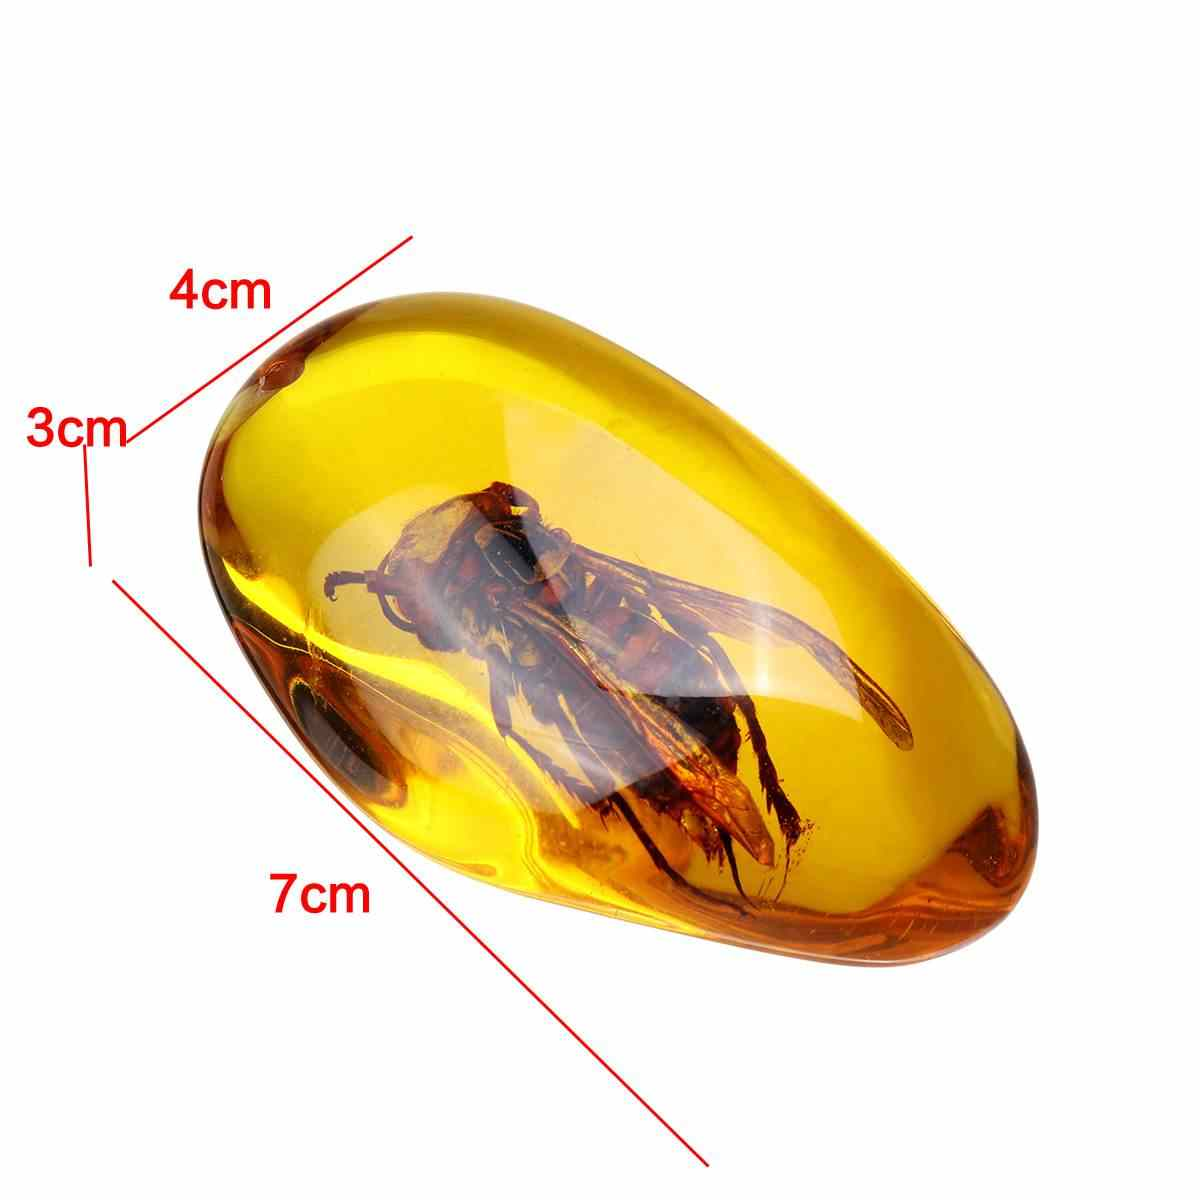 Moda naturalne osy owadów kamień bursztynowy wisiorek naszyjnik sweter dekoracje dla DIY biżuteria wisiorek rzemiosło wystrój domu